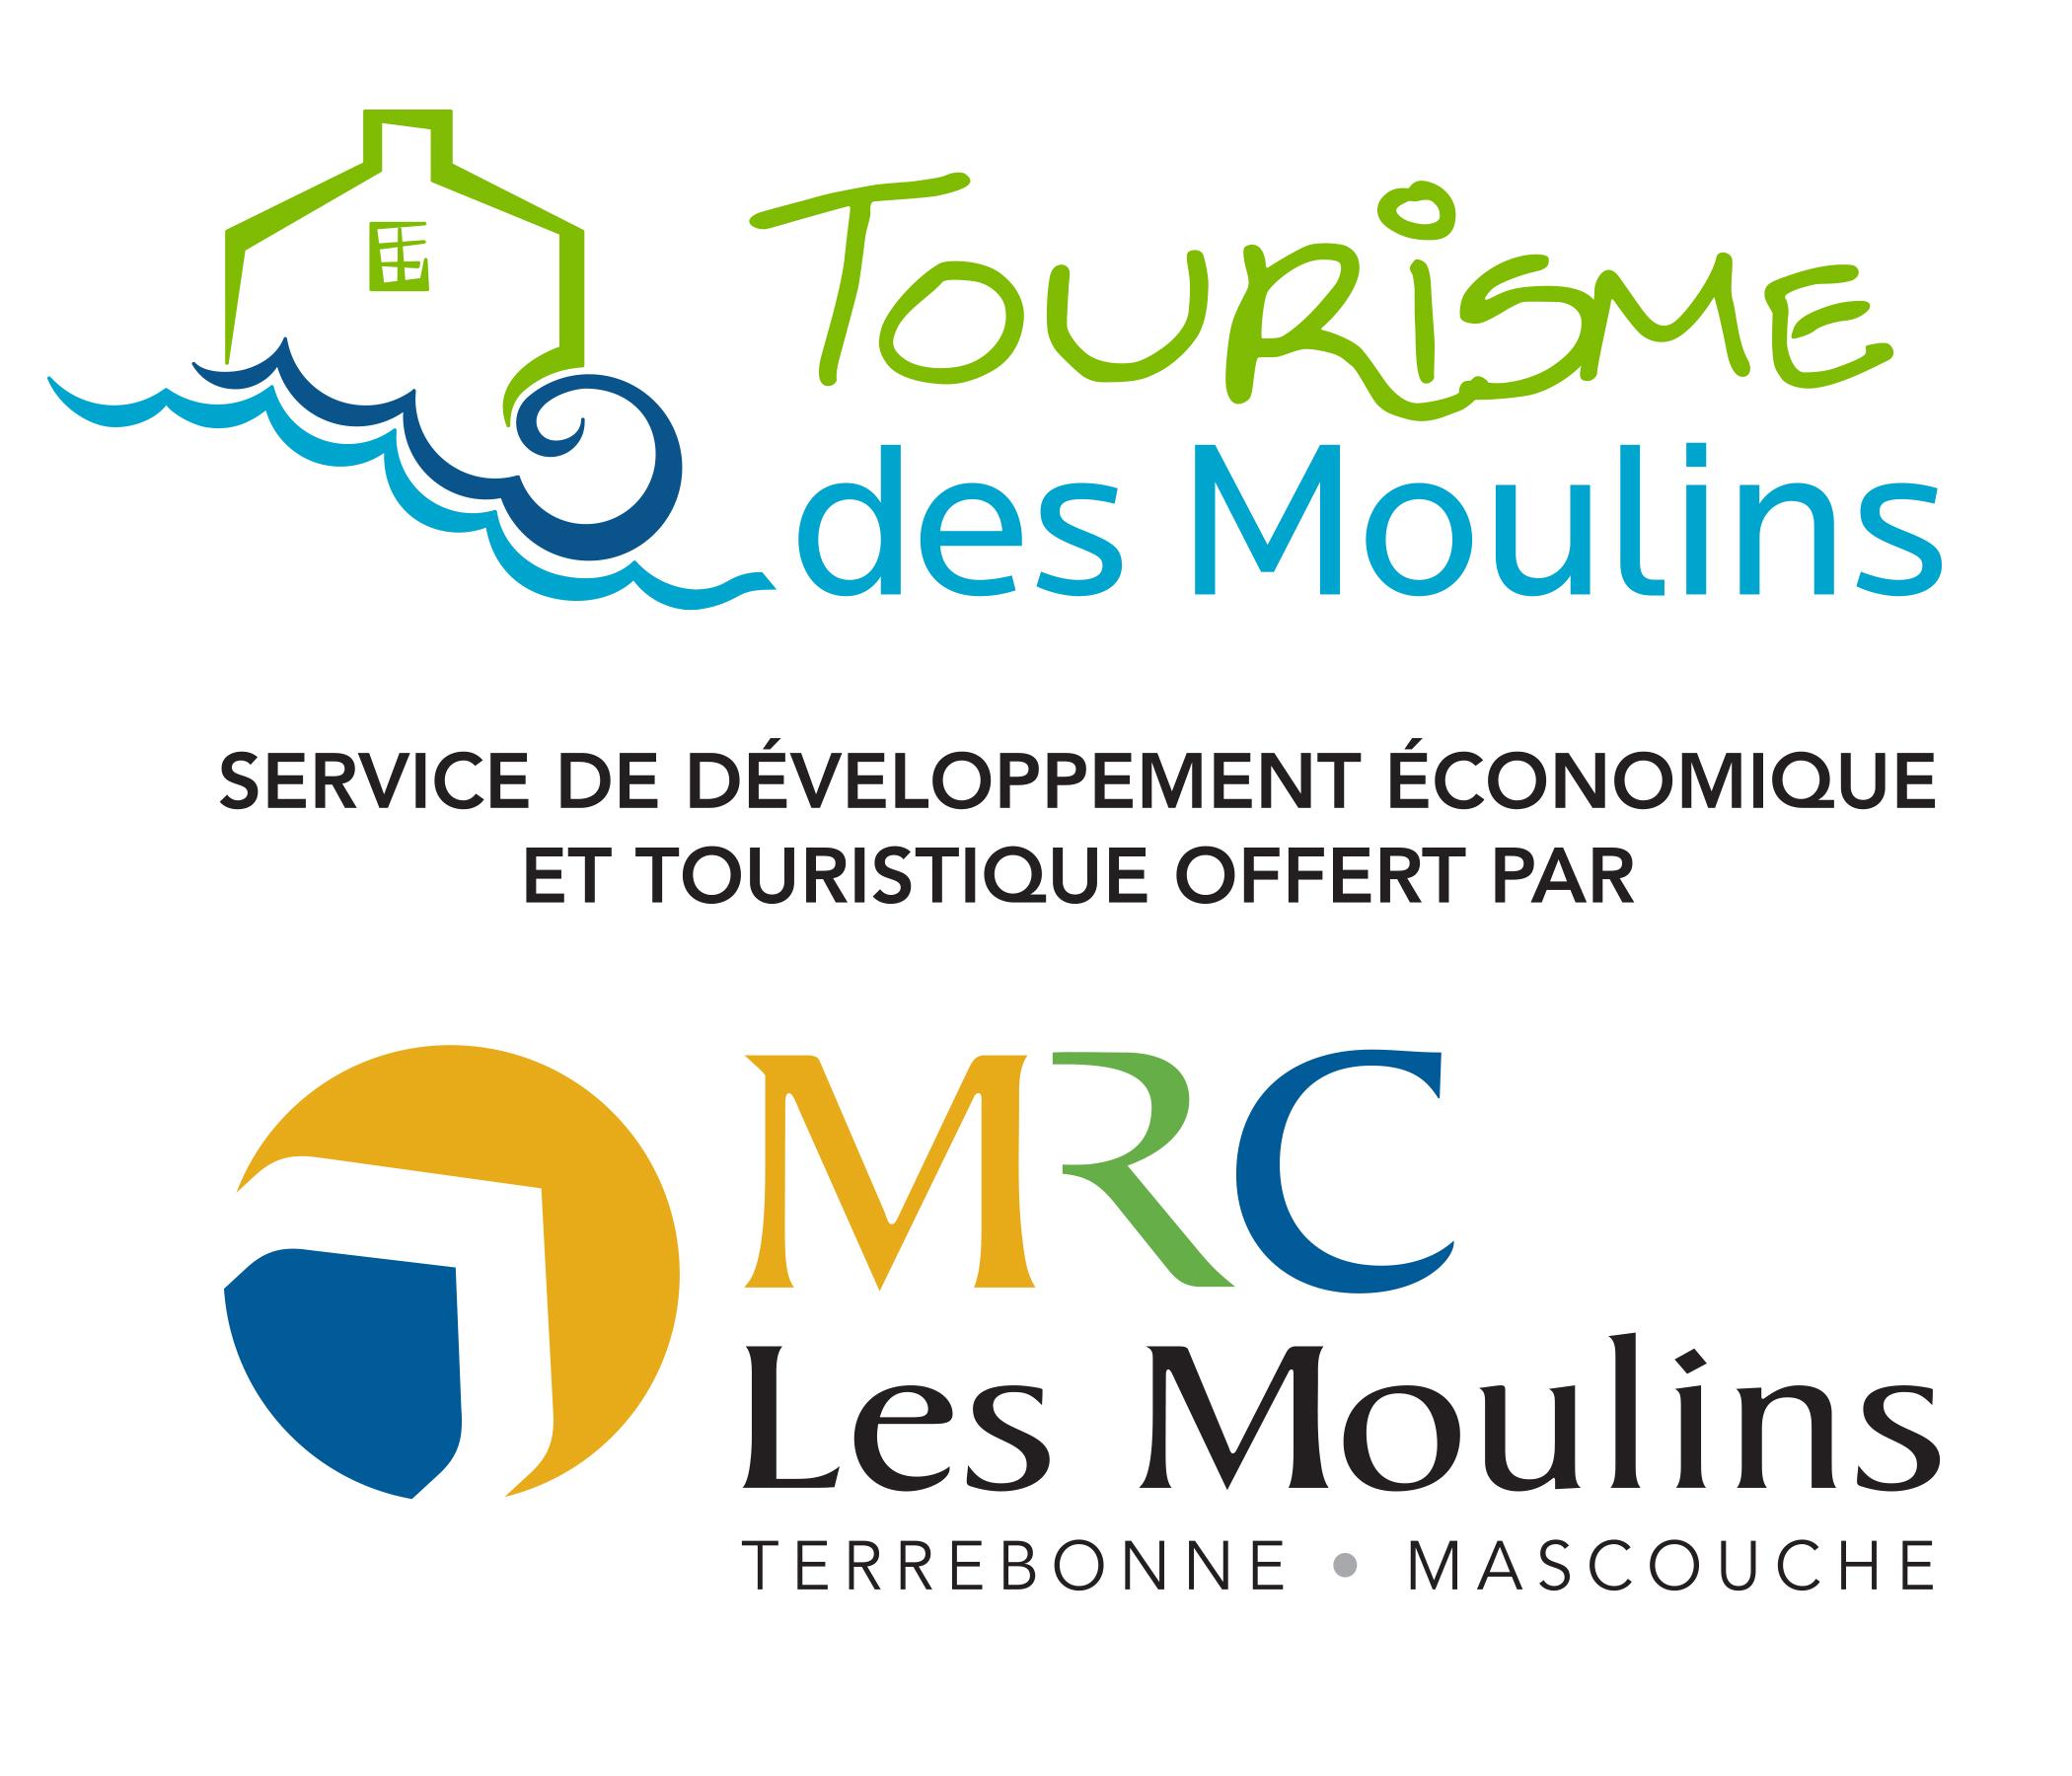 Logo Tourisme des Moulins-MRC Les Moulins Vertical-18 (002)(1)